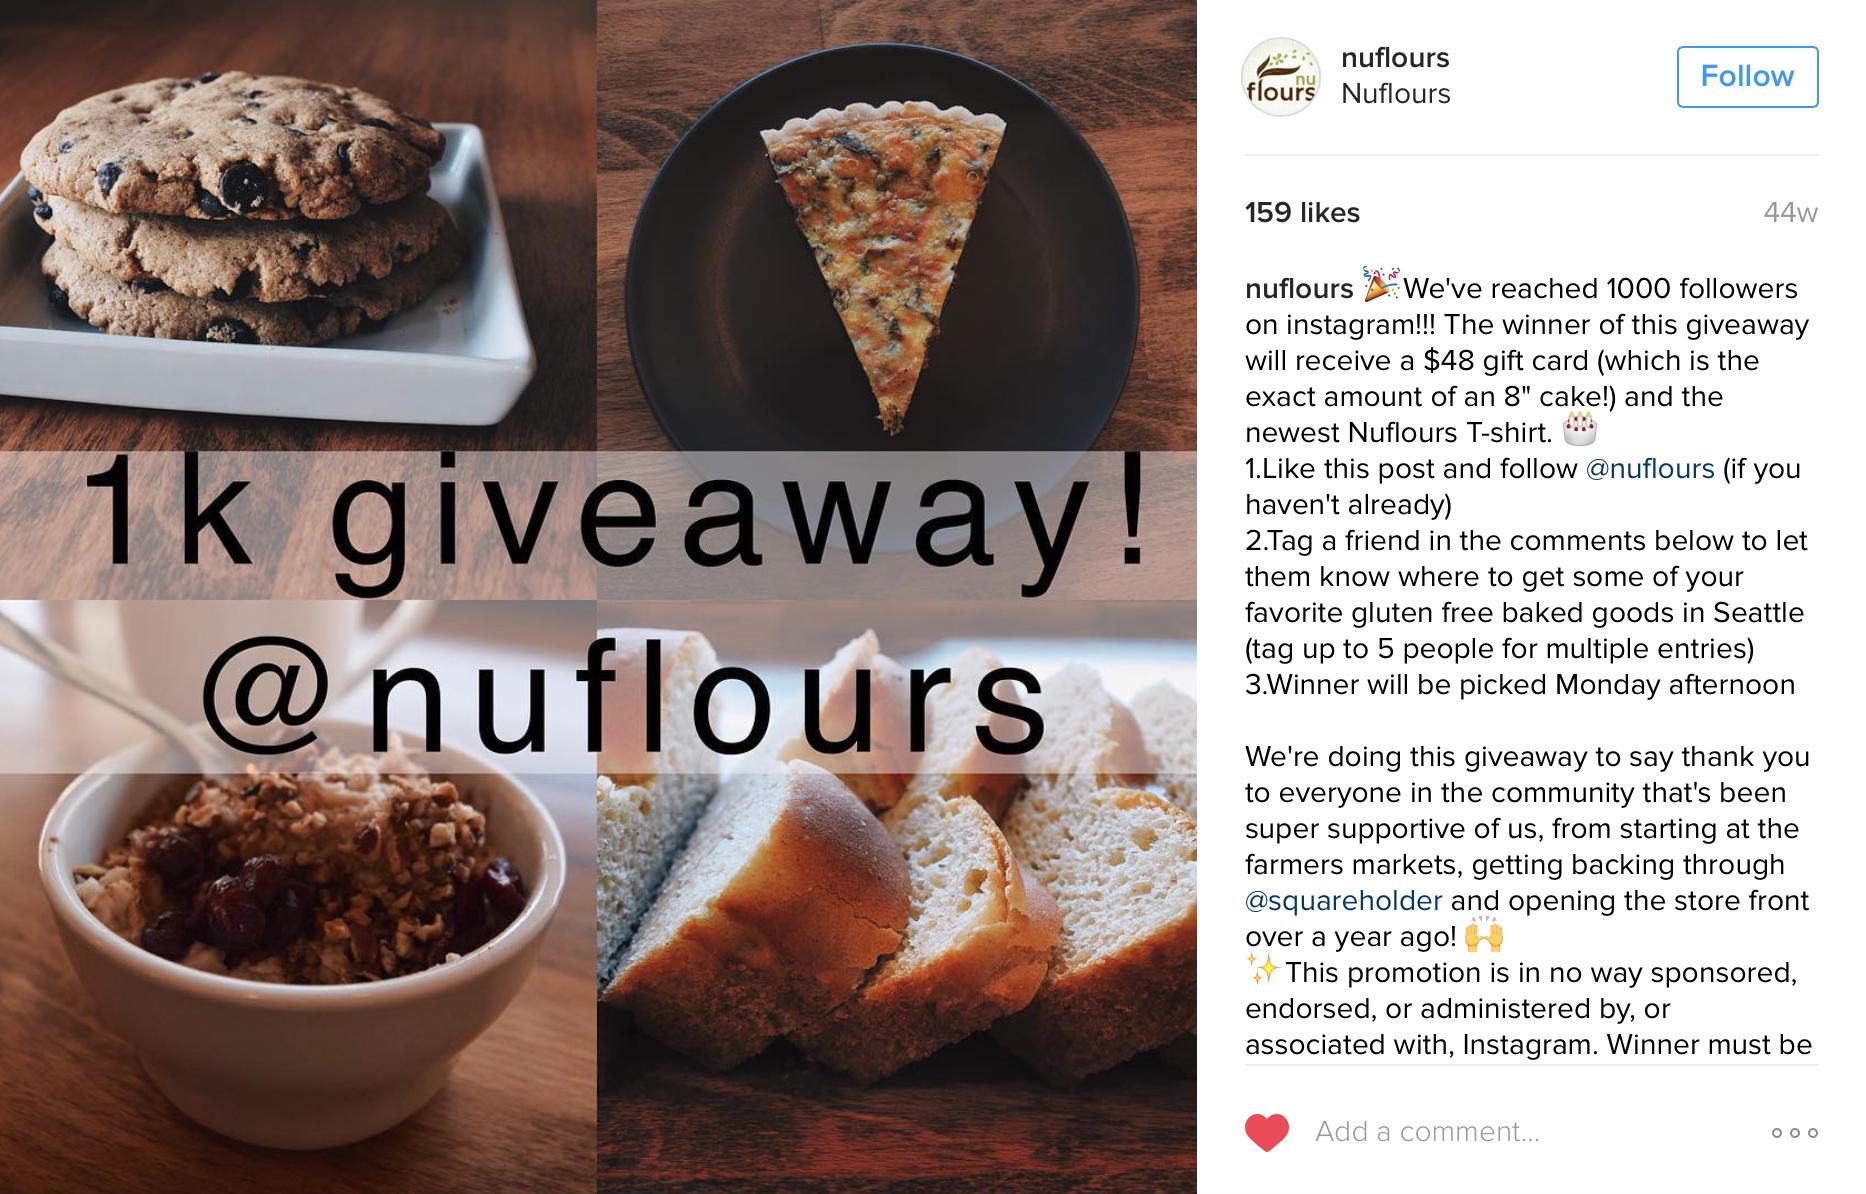 Nuflours 1K Giveaway